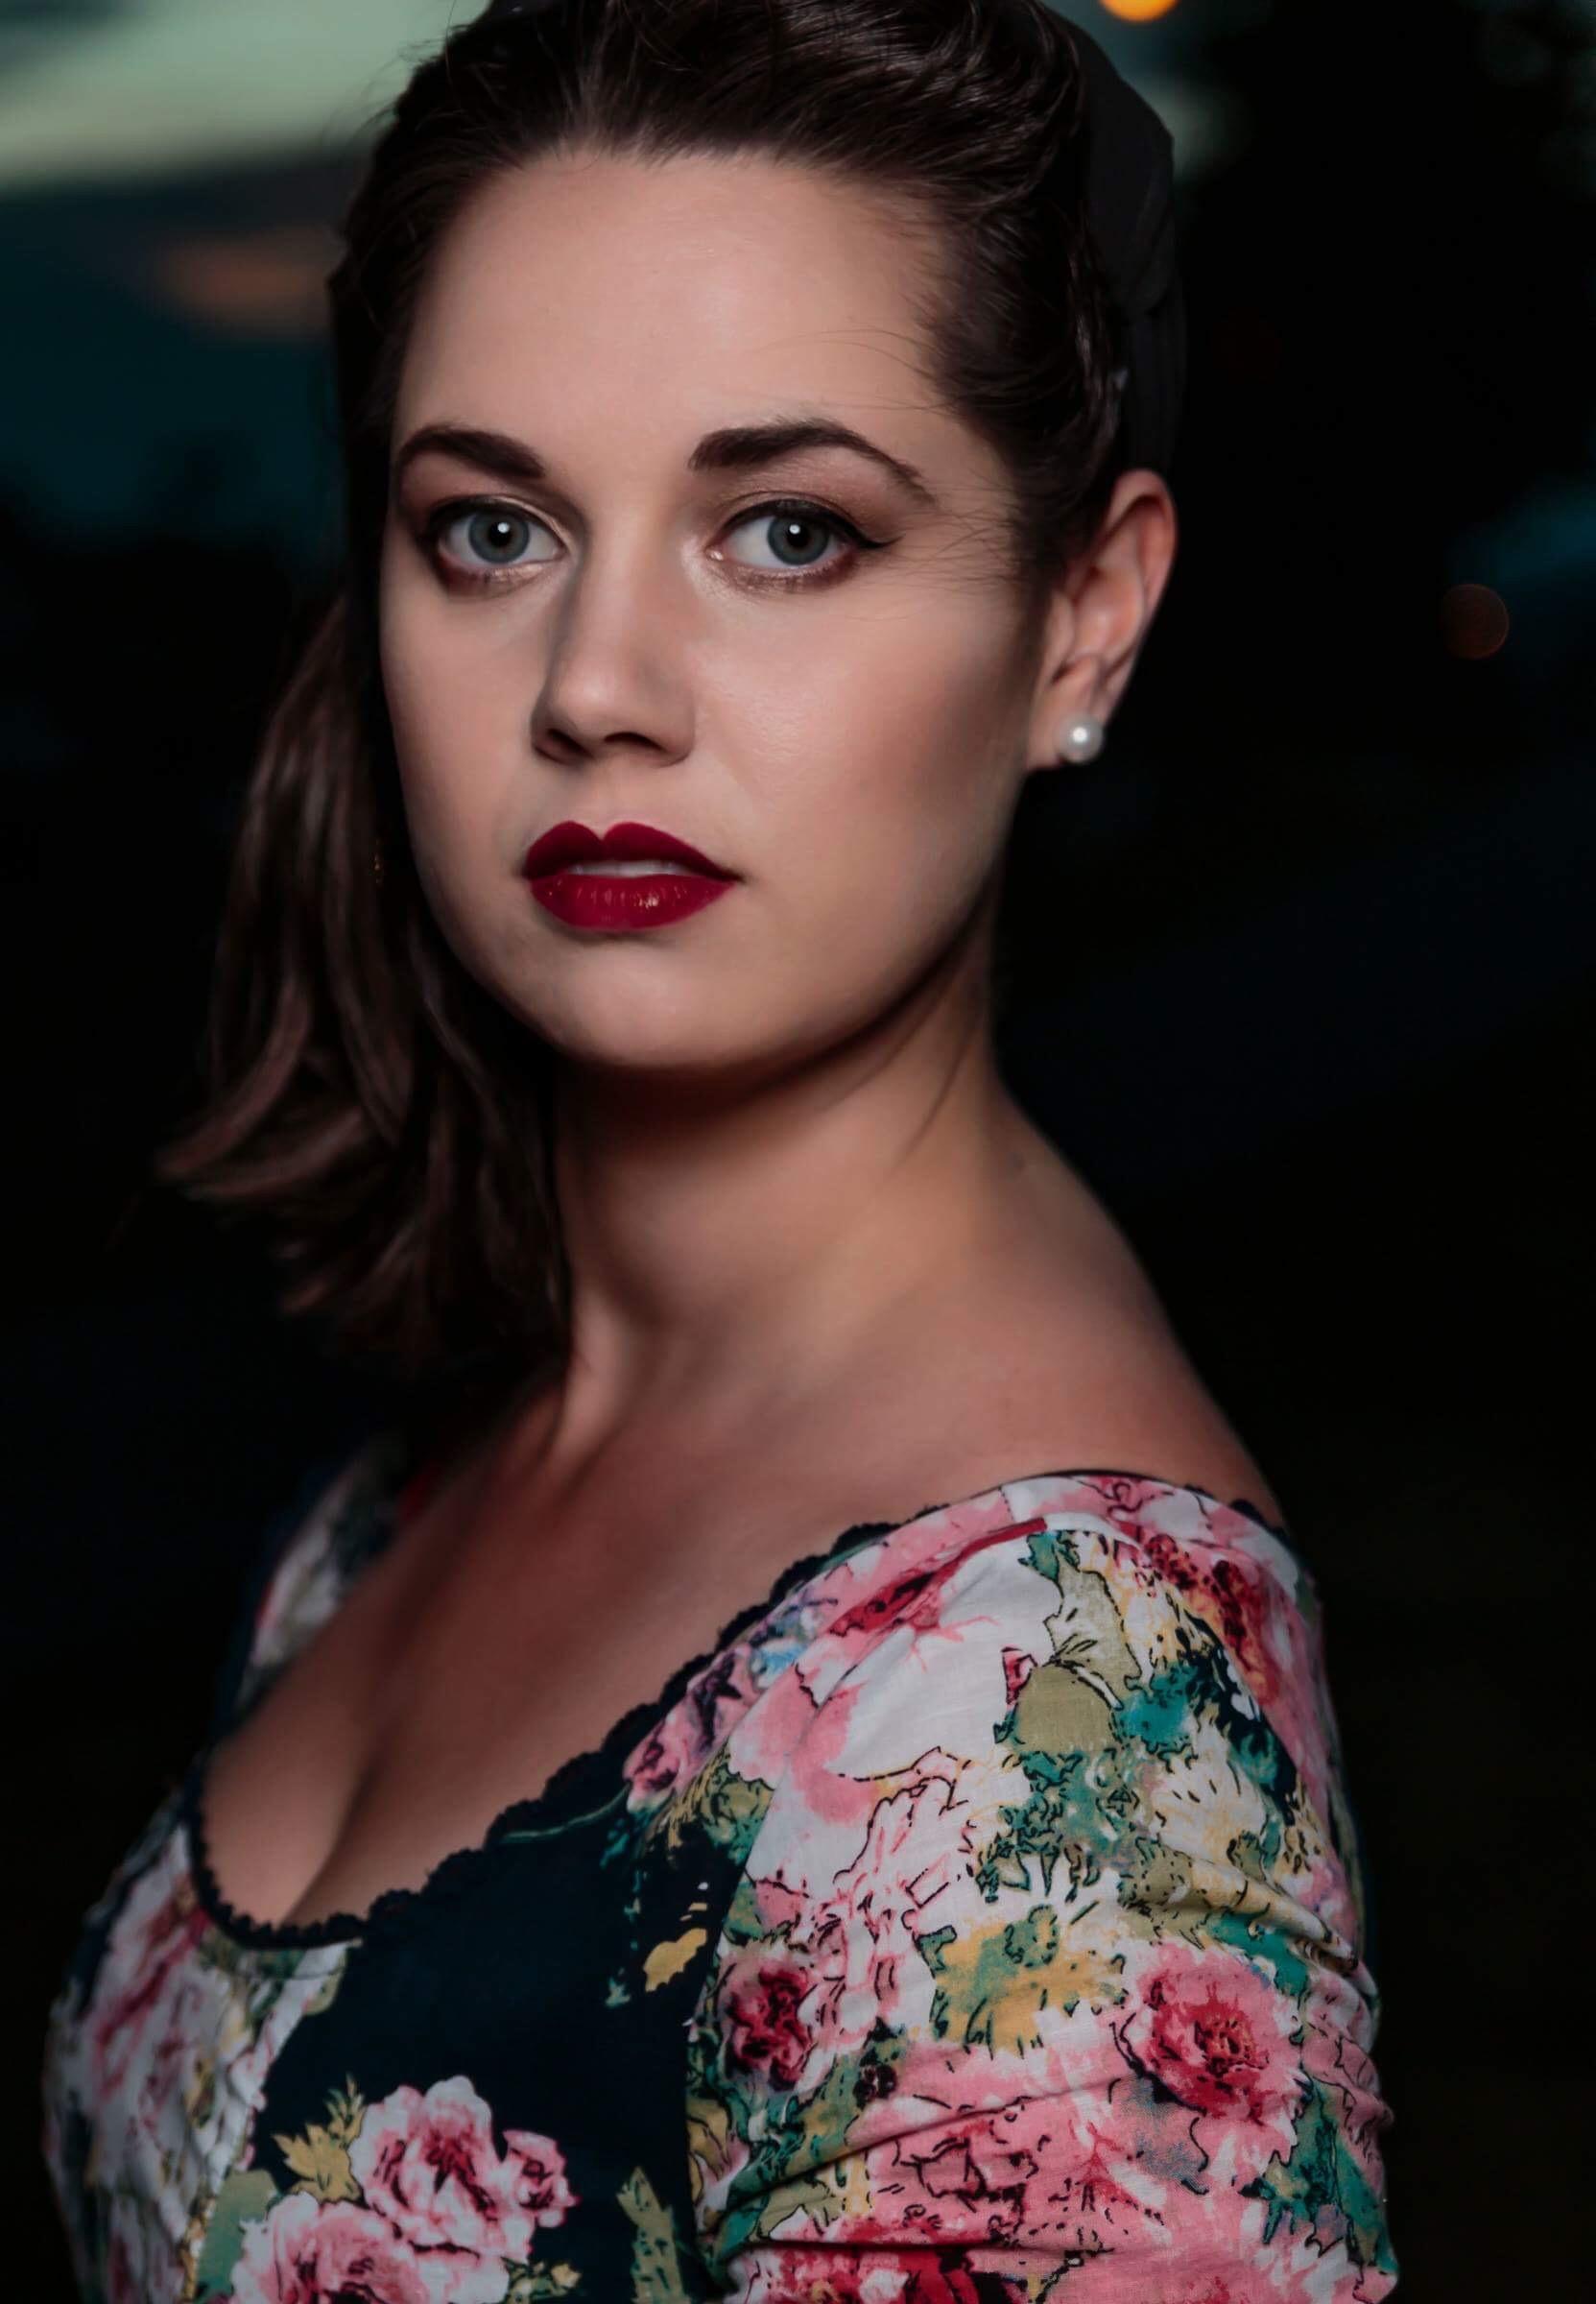 Helen Fraser (actress)